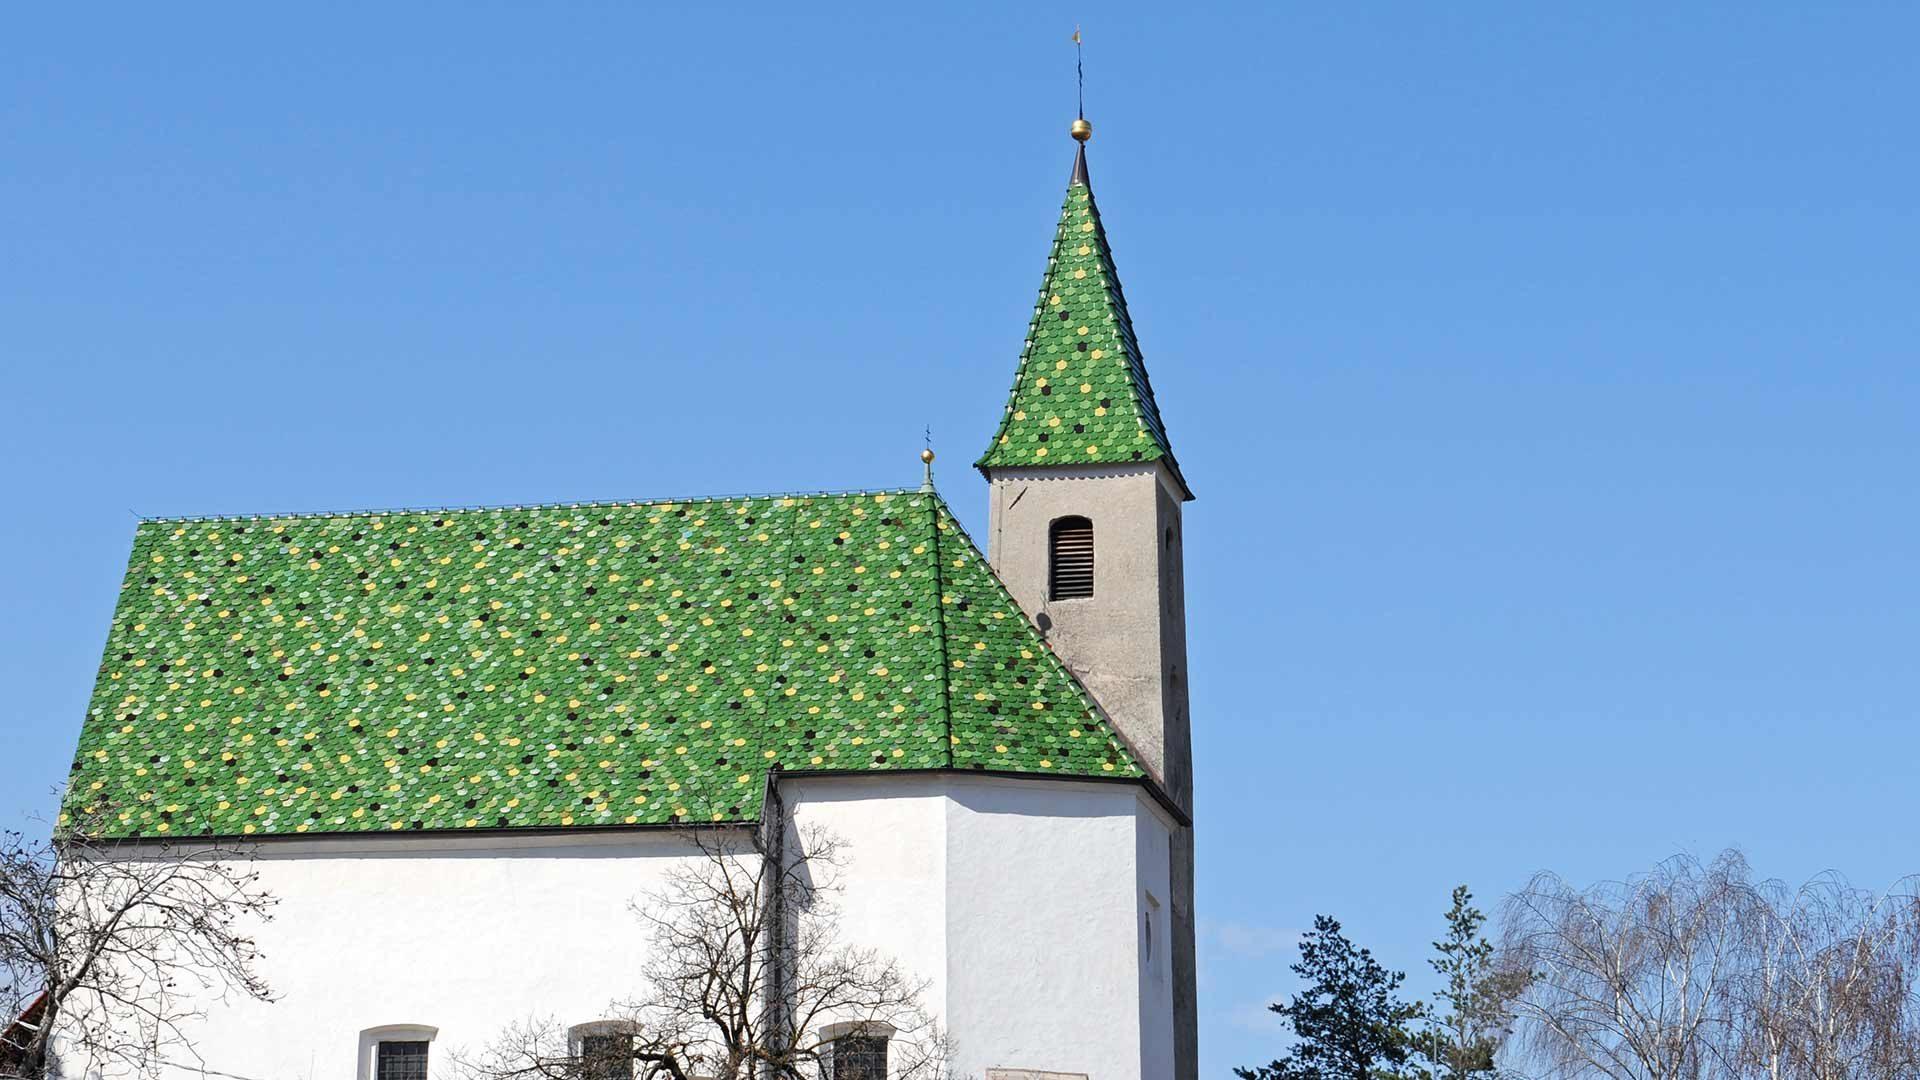 La Chiesa di San Martino a Prissiano